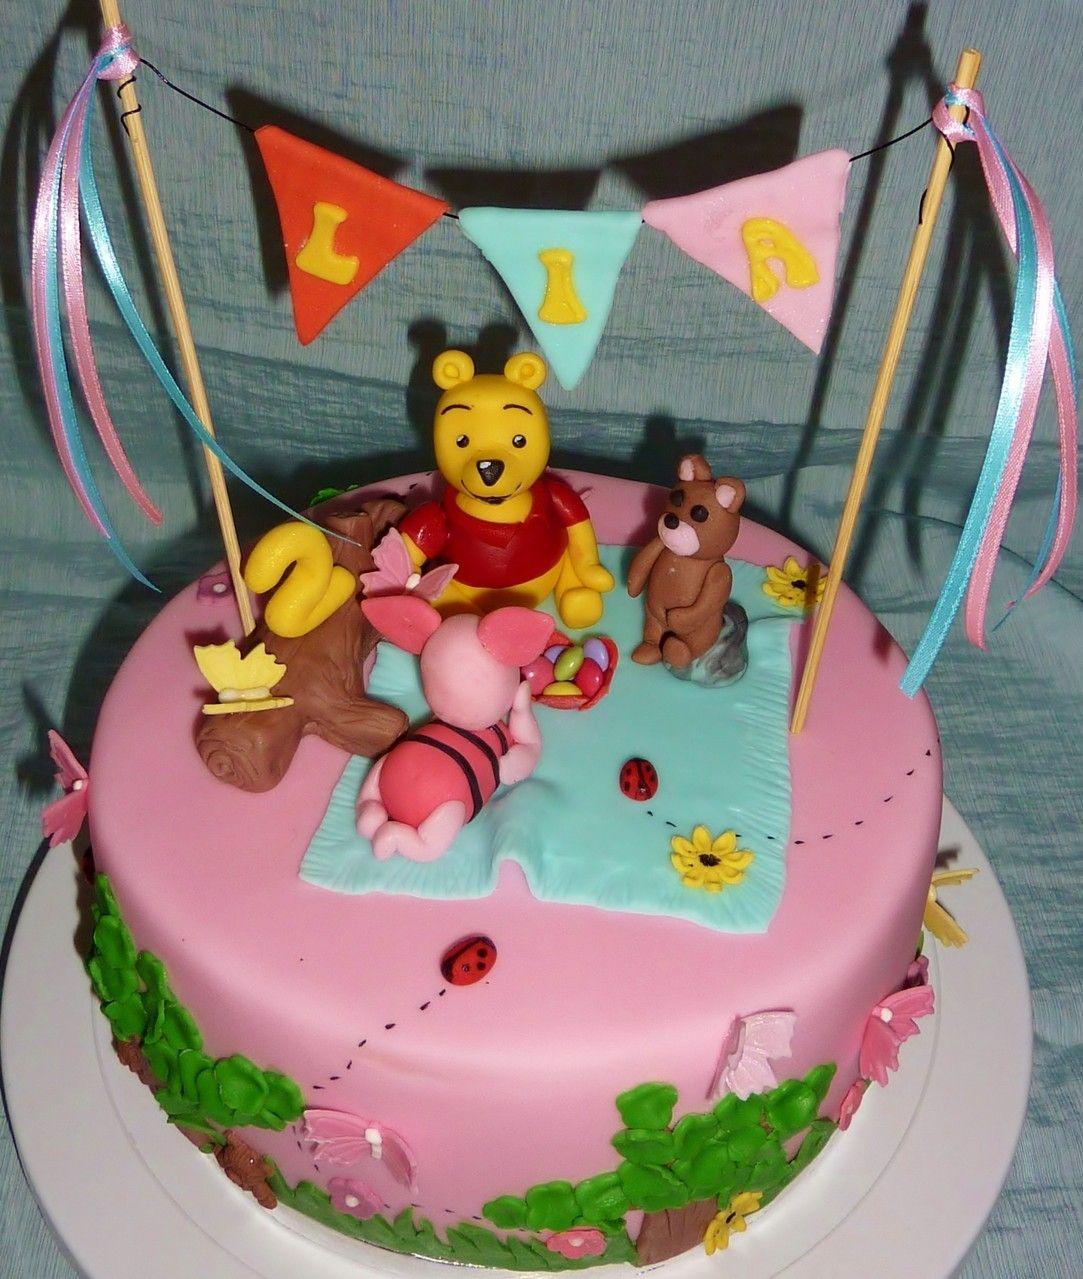 Winnie pooh torte unbedingt kaufen - Winnie pooh kuchen deko ...